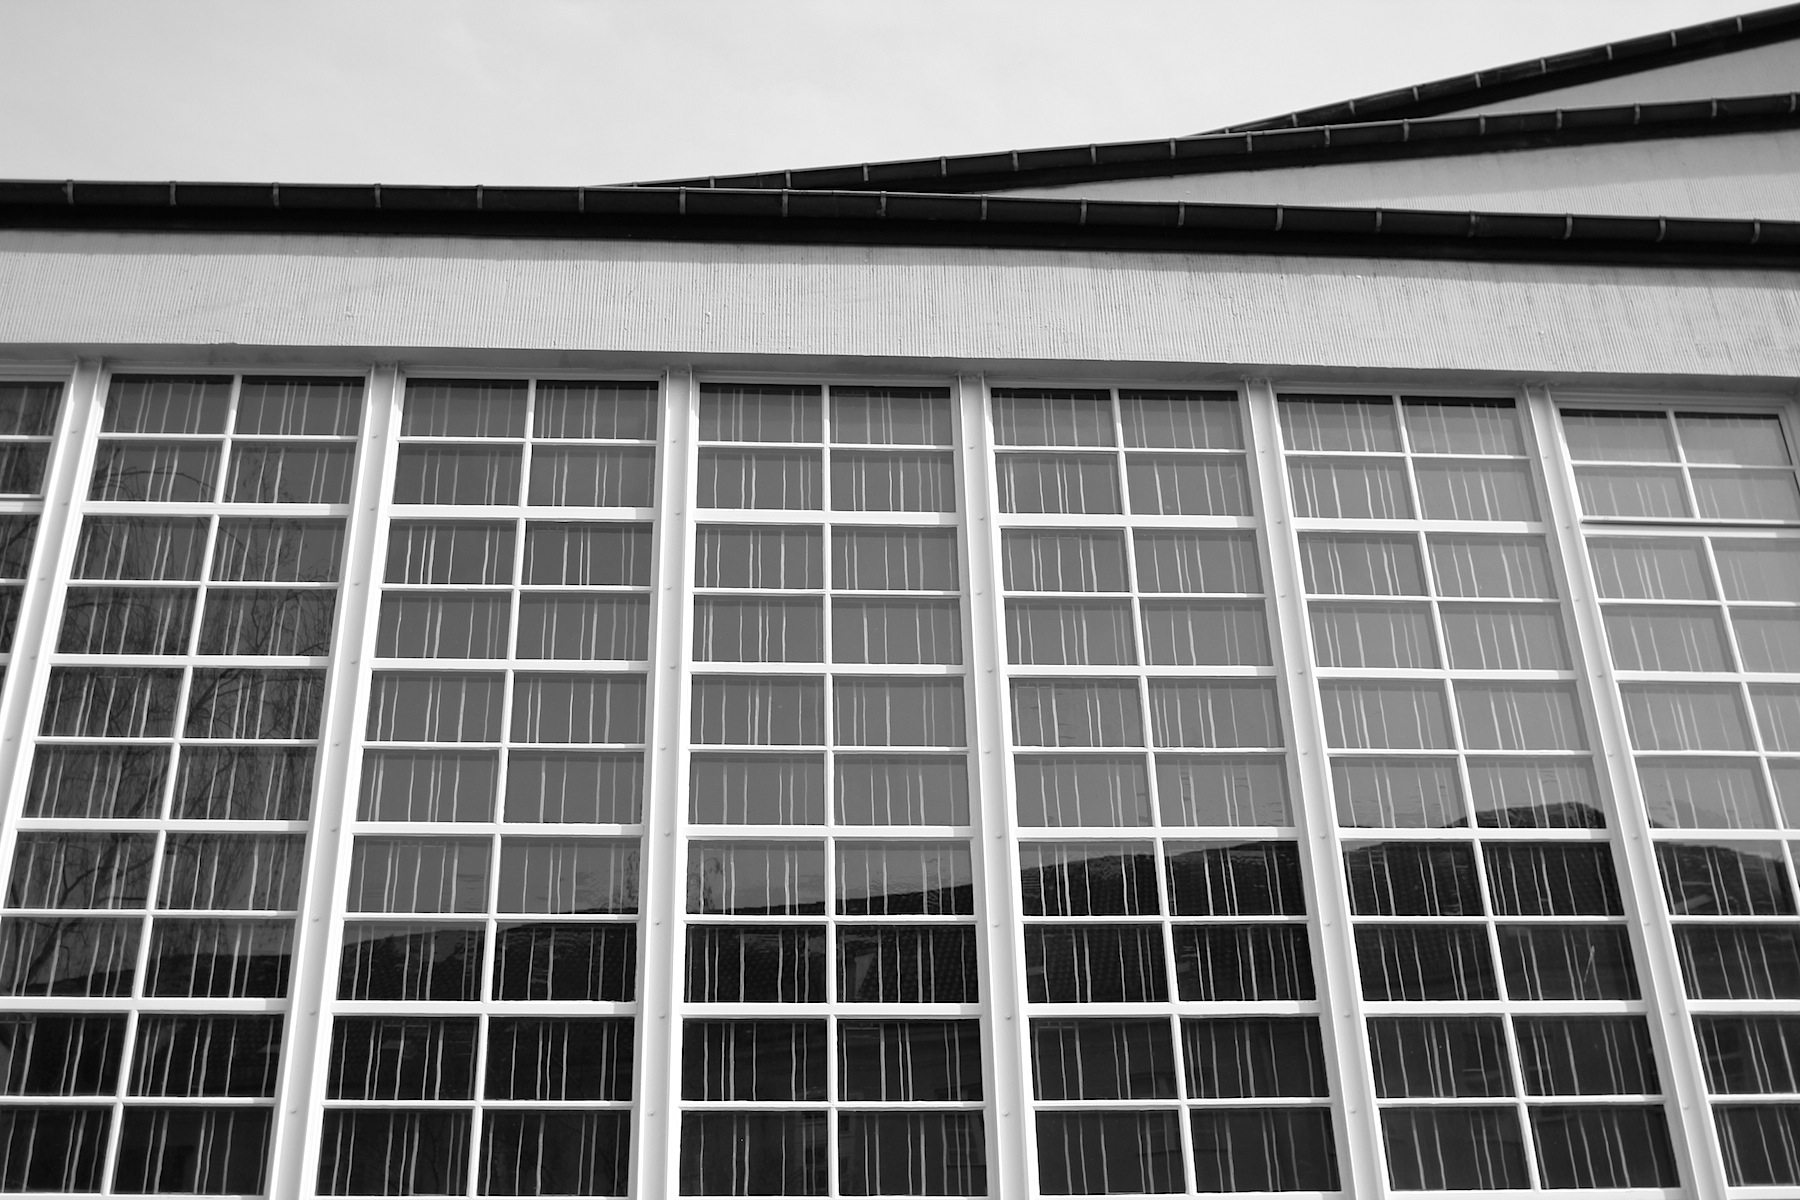 Gustav-Adolf-Kirche, Otto Bartning, 1934. Moderne Stahlbeton-Rahmenkonstruktion mit Klinkermauerwerk und großen Glasflächen.